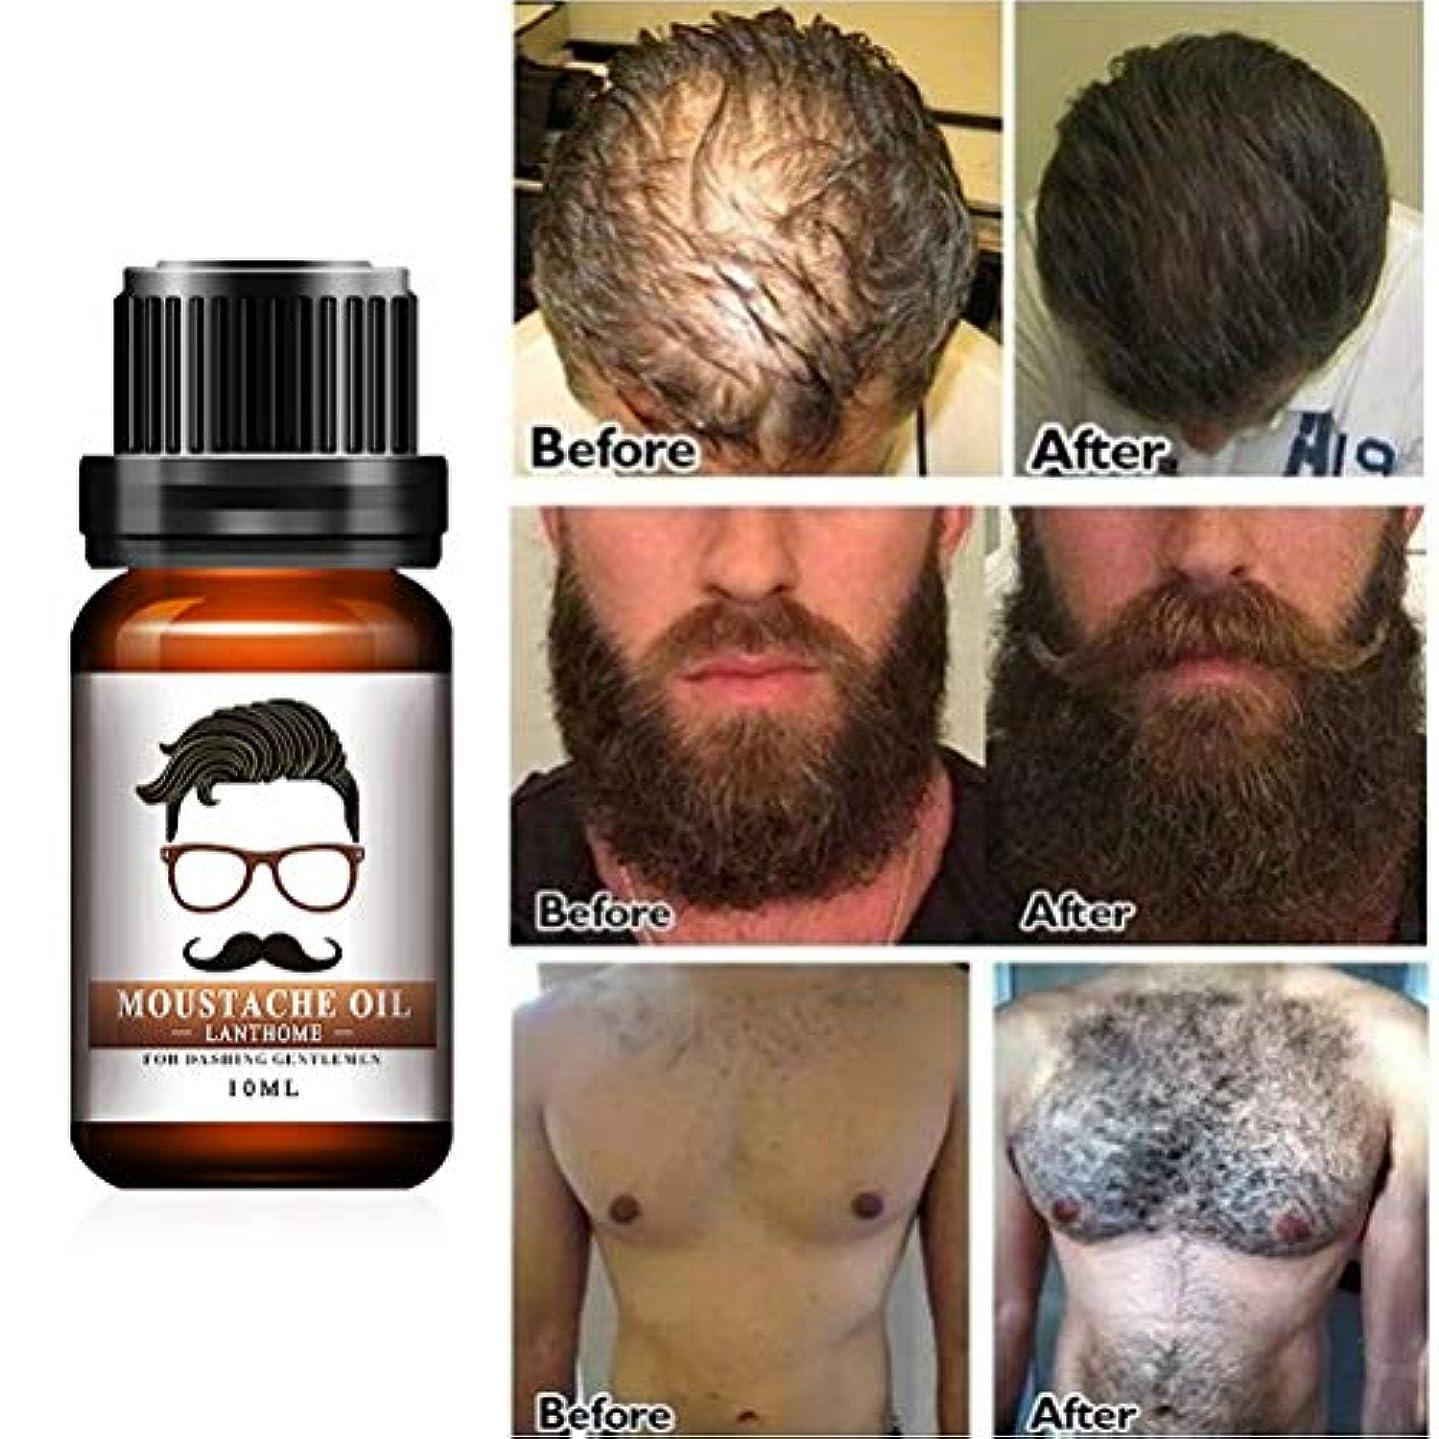 舞い上がる受動的クリスマスBSMEAN ひげ油、男性用ひげ油、ひげエッセンシャルオイル、保湿、鎮静、ひげのケアのための成長を刺激、10 ml